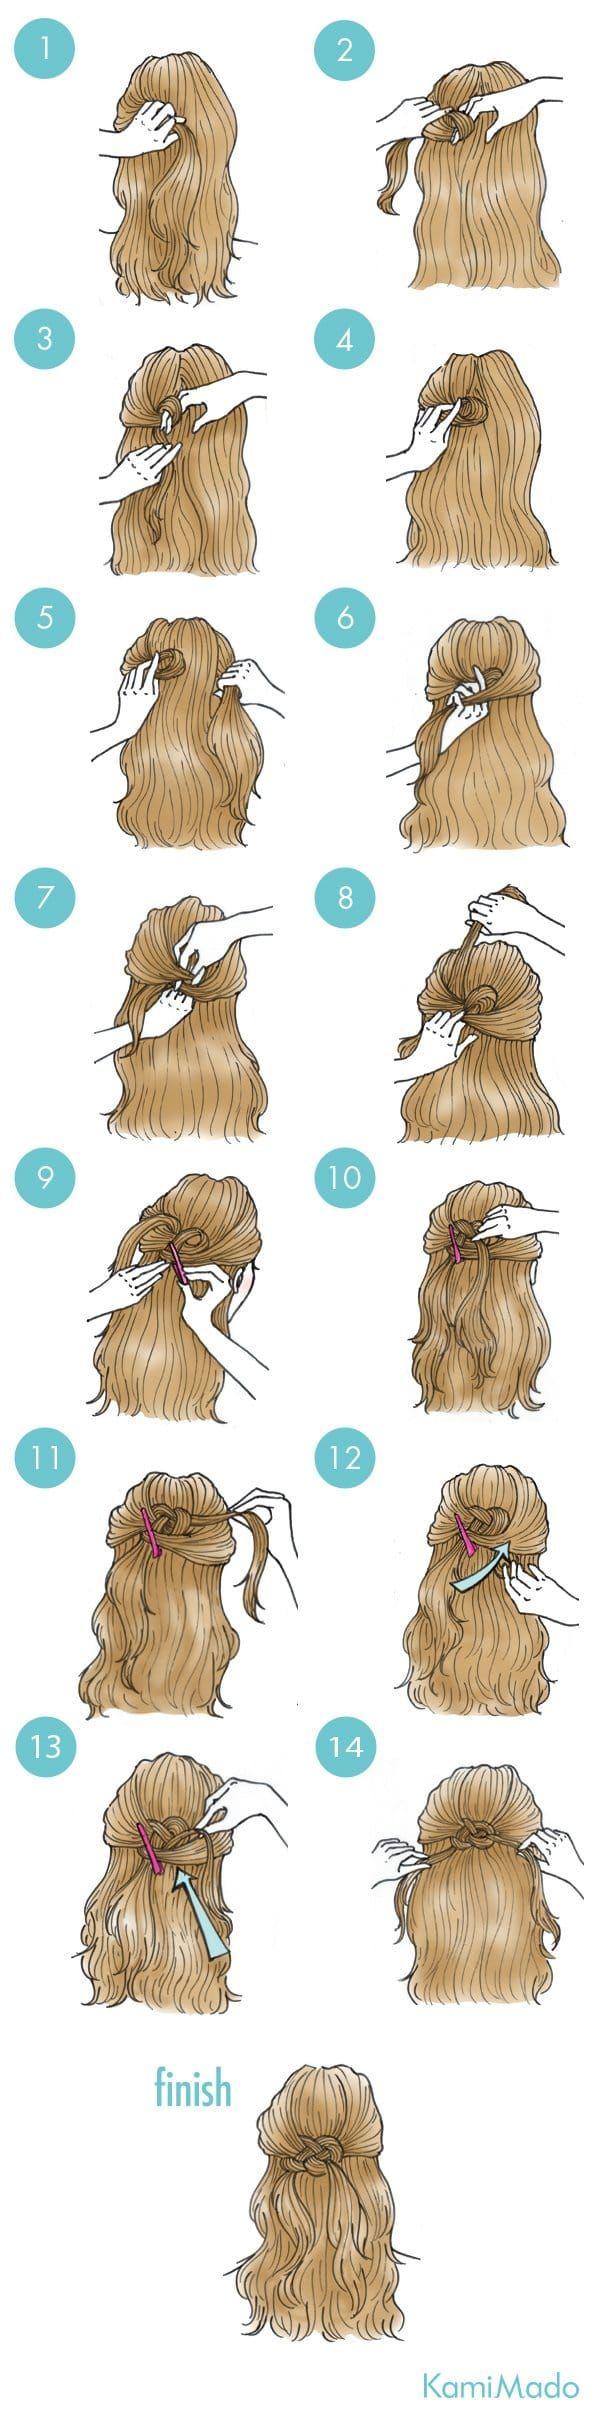 Unos pocos pasos para arreglarte el pelo y parecer una diosa